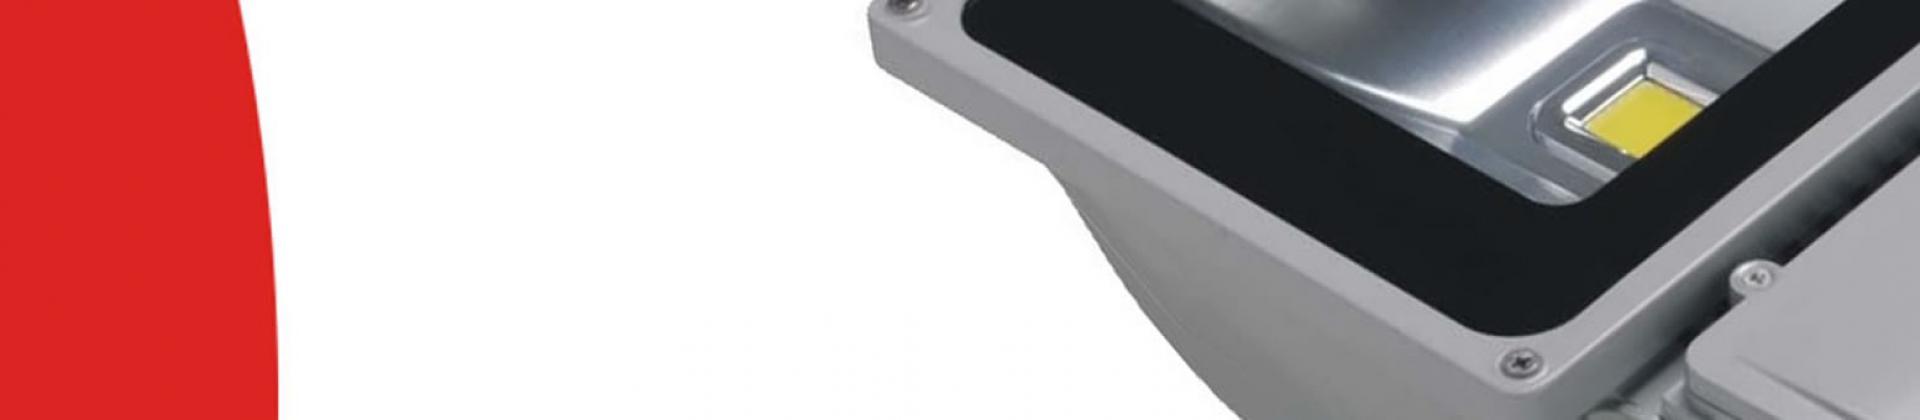 Fenoplastica Maceteros - Lámparas de diseño